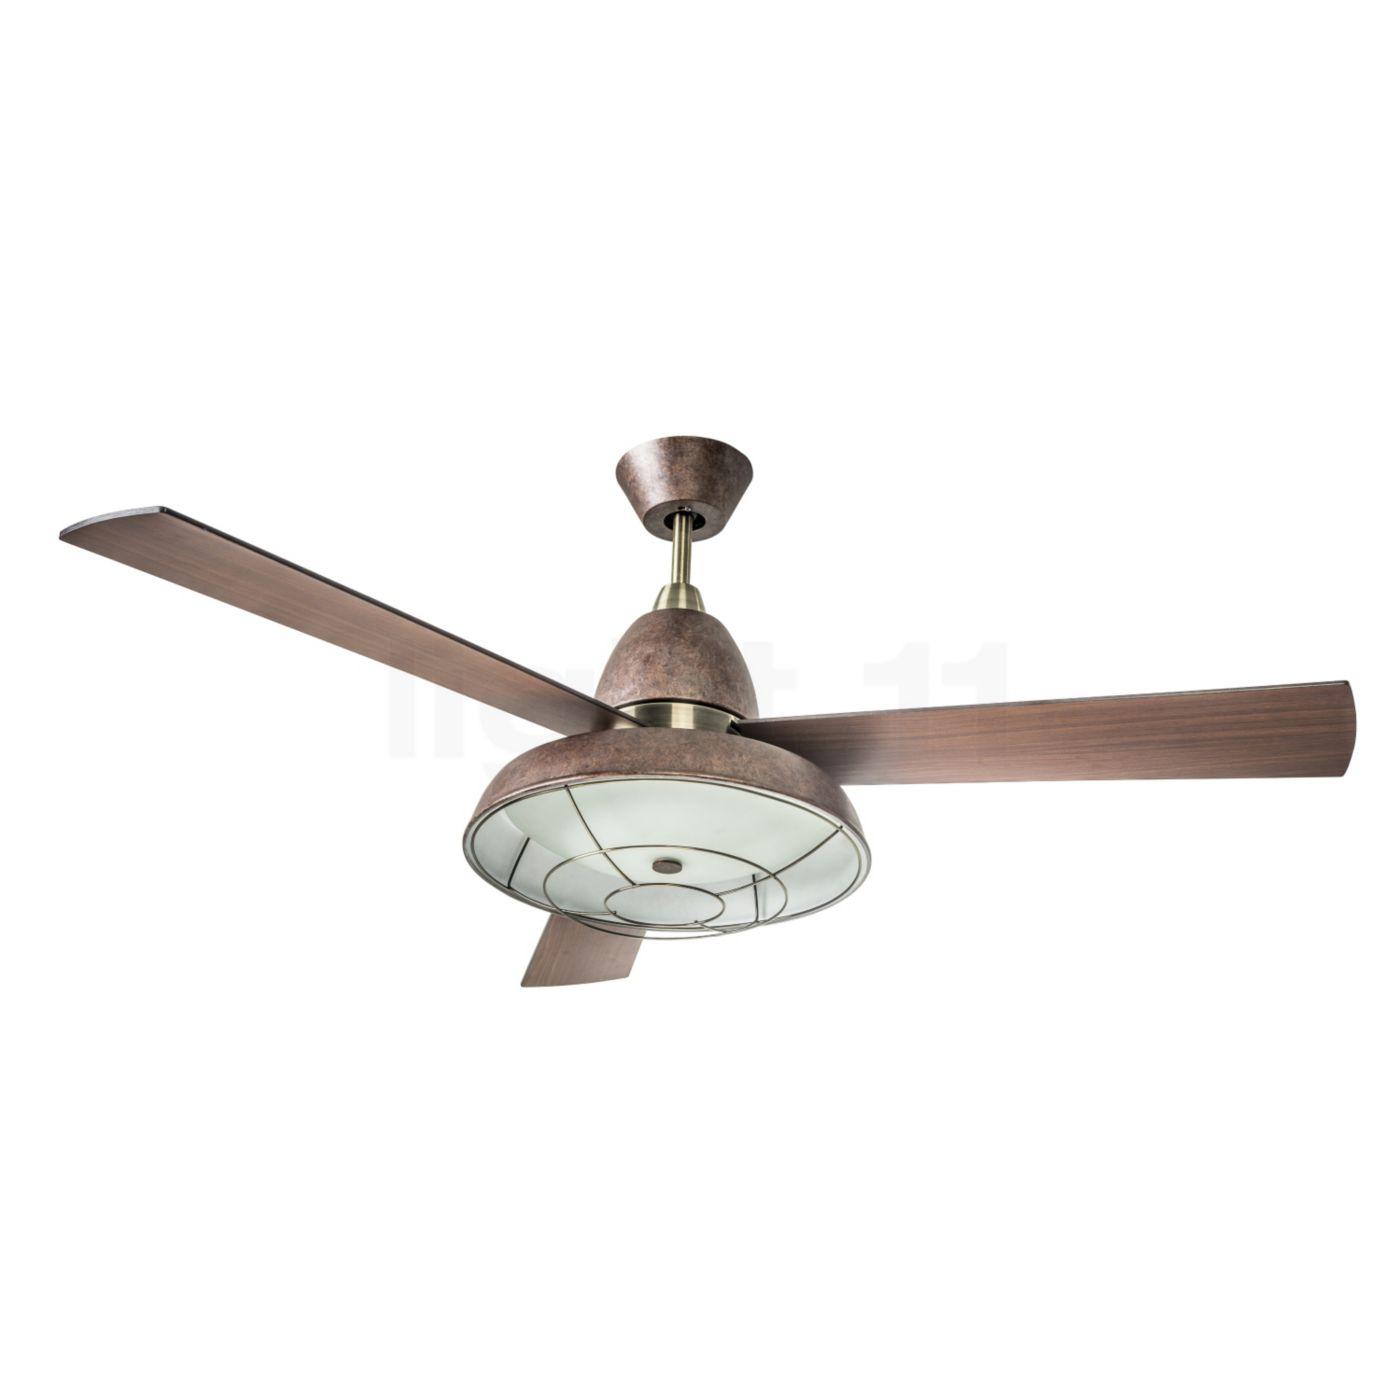 LEDS-C4 Vintage Ventilator, rostbraun | Baumarkt > Heizung und Klima | LEDS-C4